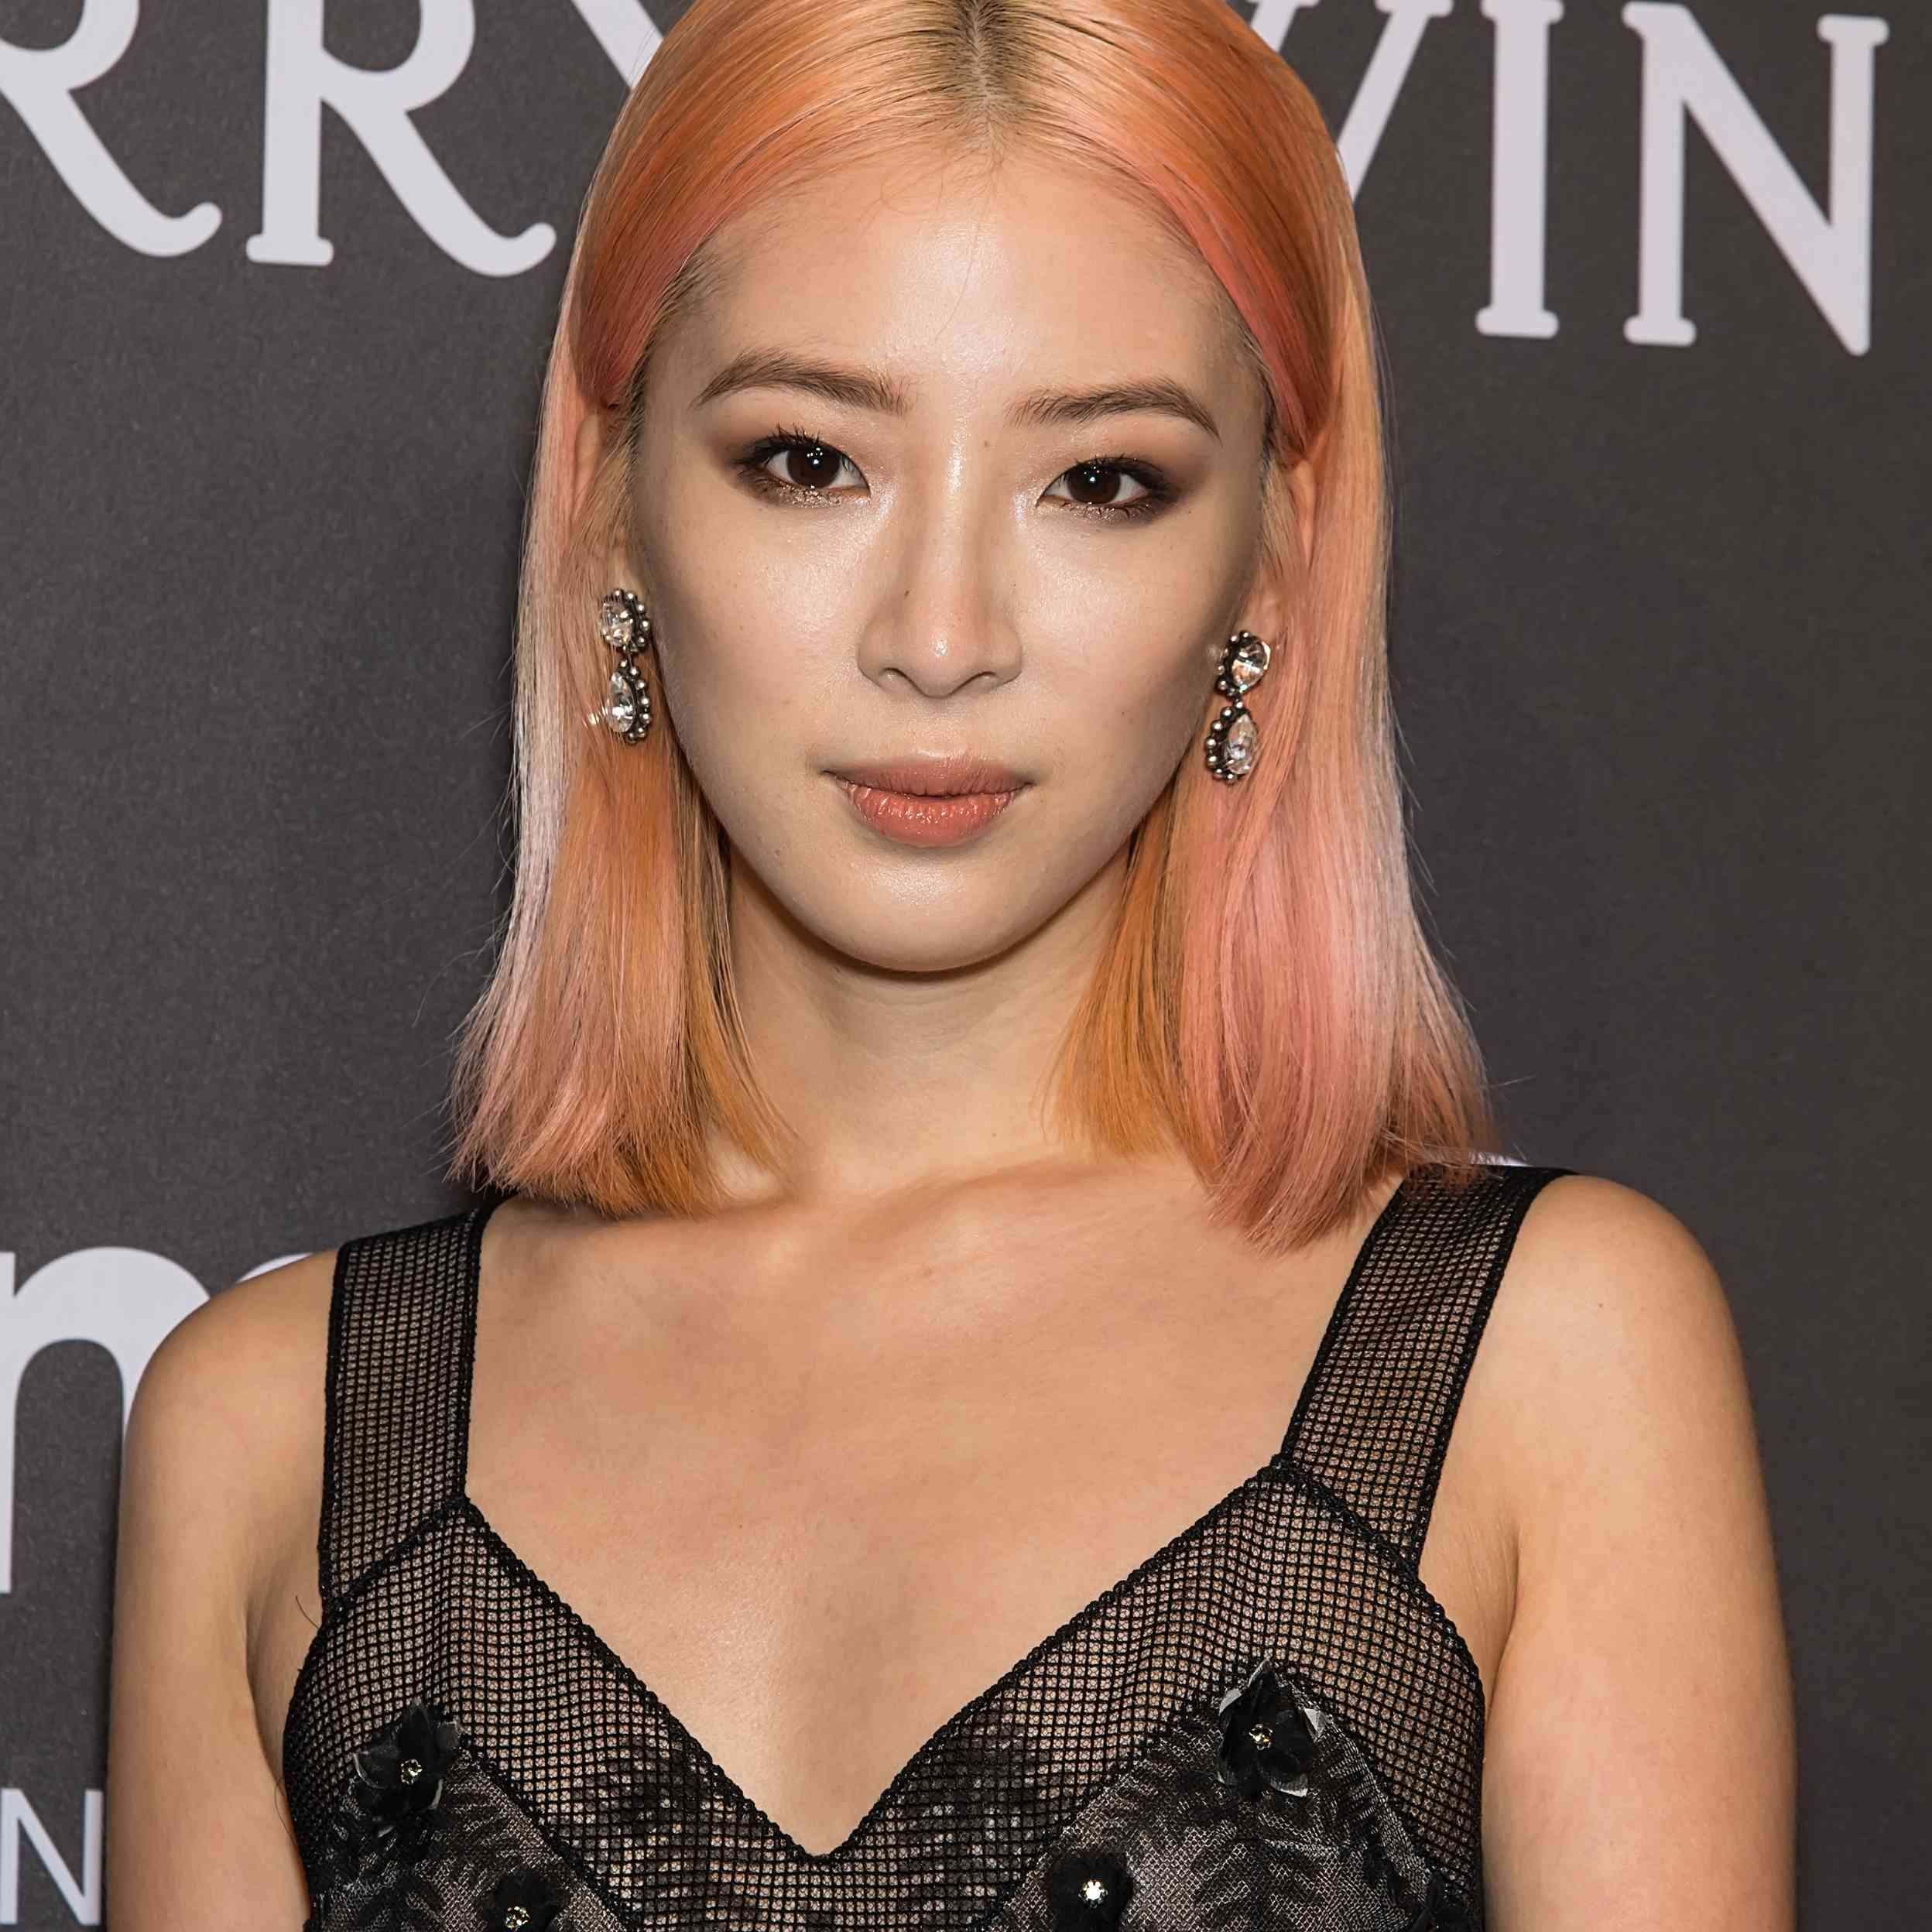 Irene Kim